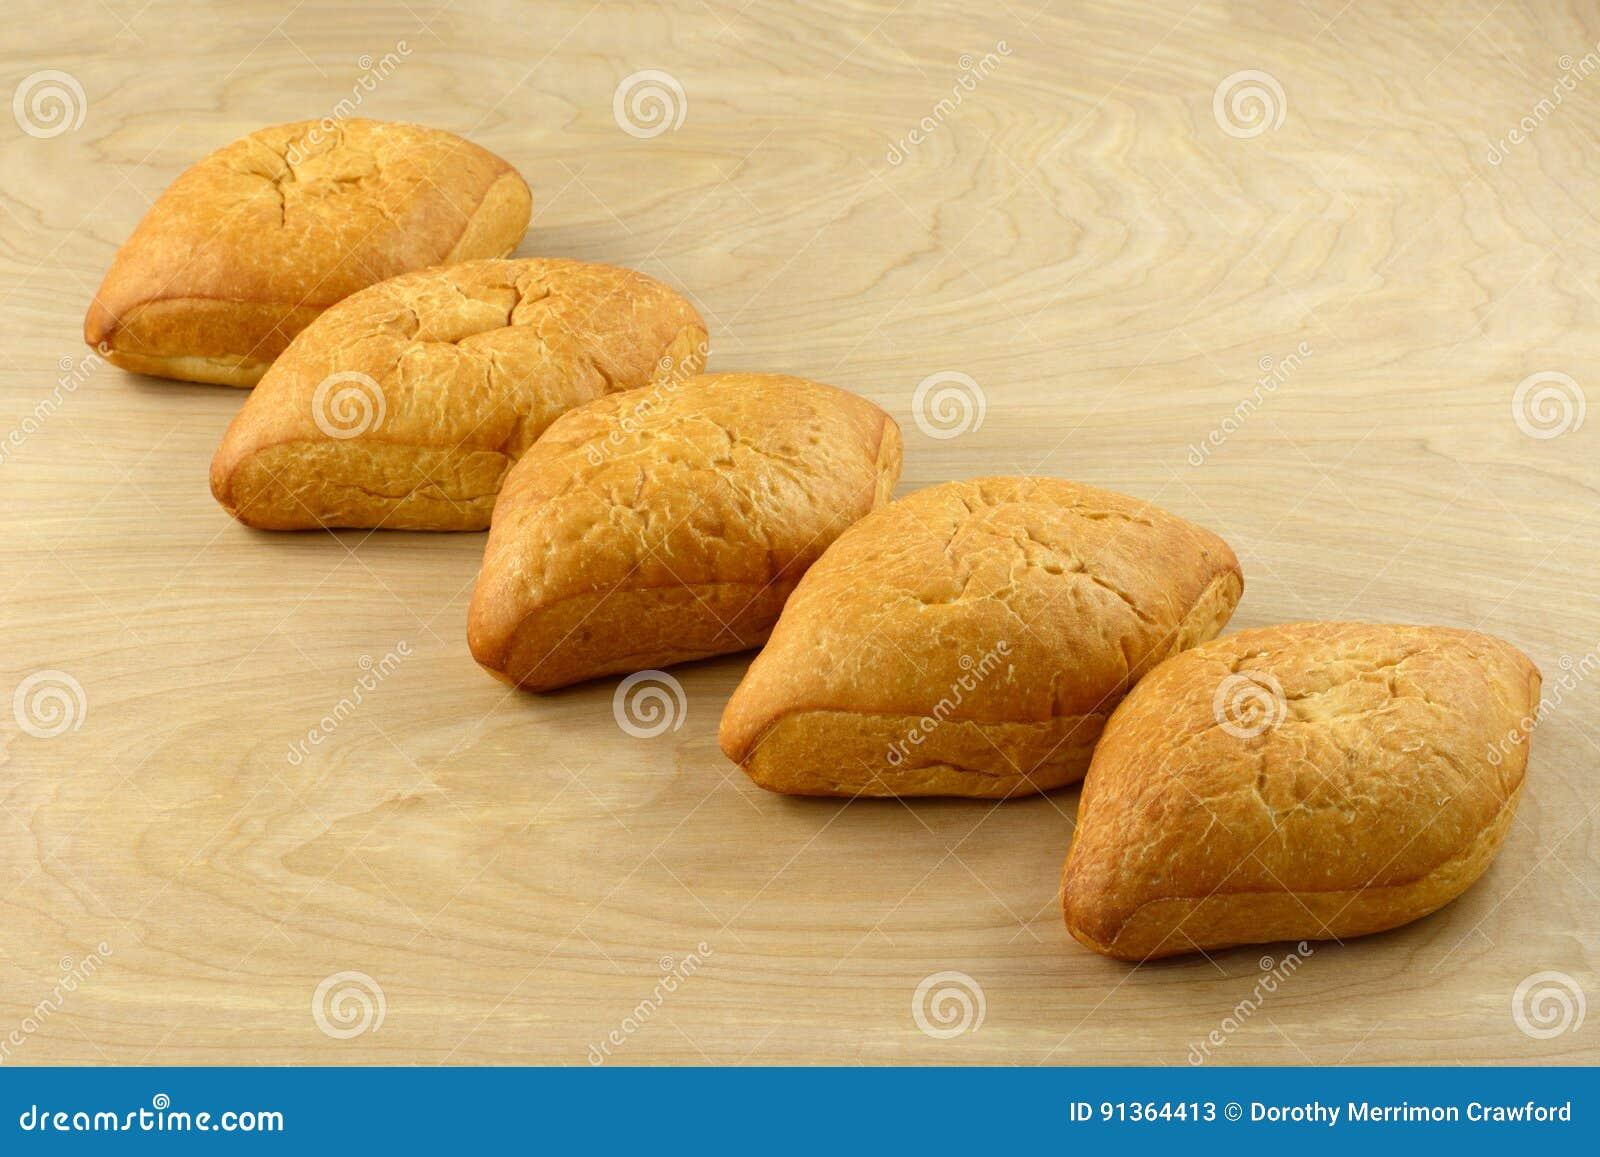 Bolillo Mexican white bread loaves